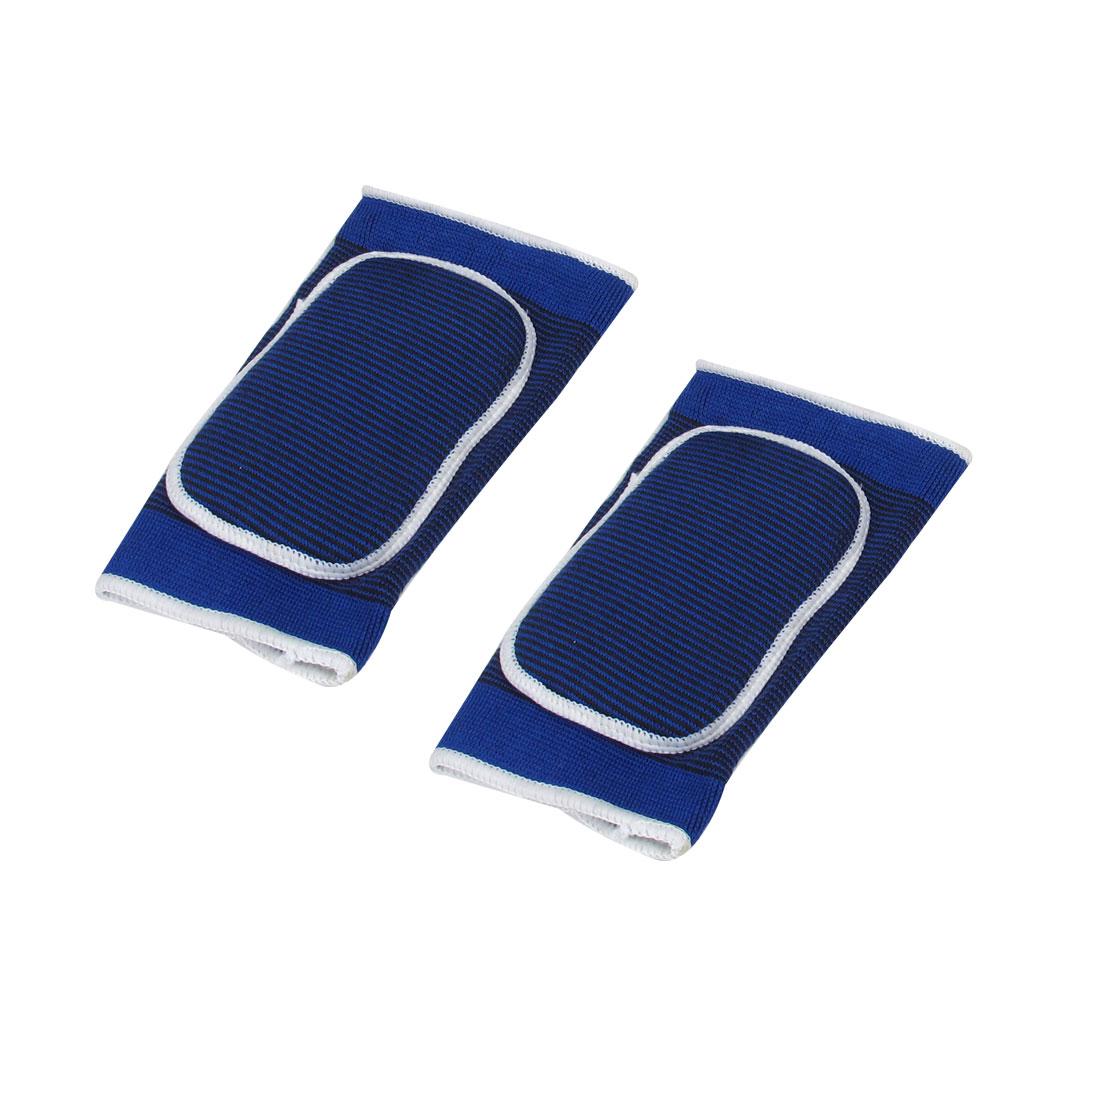 2 Pcs Blue Black Strips Pattern Pullover Sponge Filled Elastic Knee Support